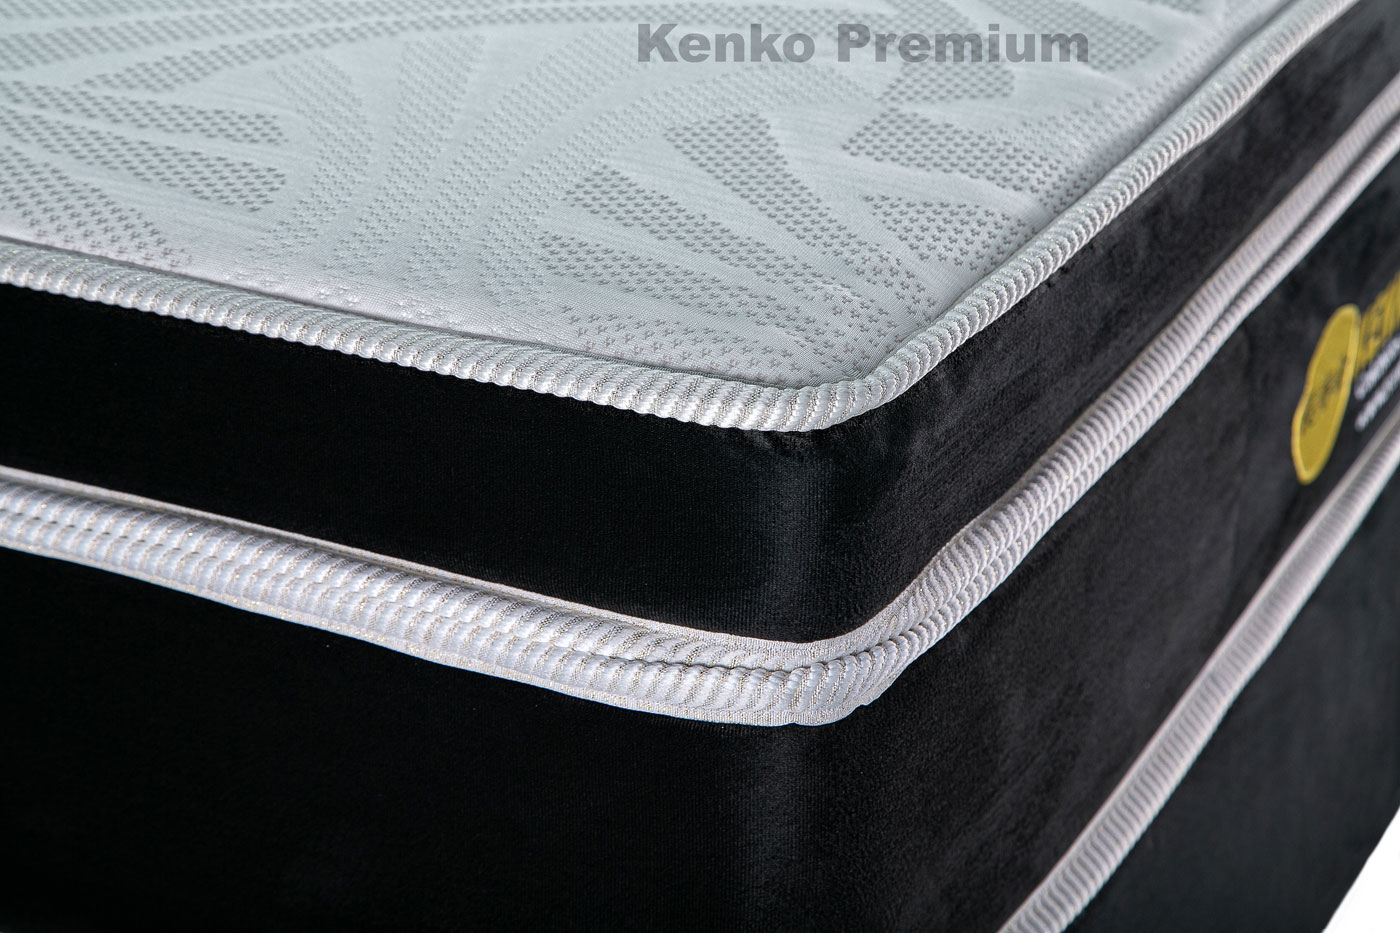 Colchão Magnético Queen Size 1,58x1,98x30 Cm Kenko Premium Gold Linha Exportação  - Kenko Premium Colchões